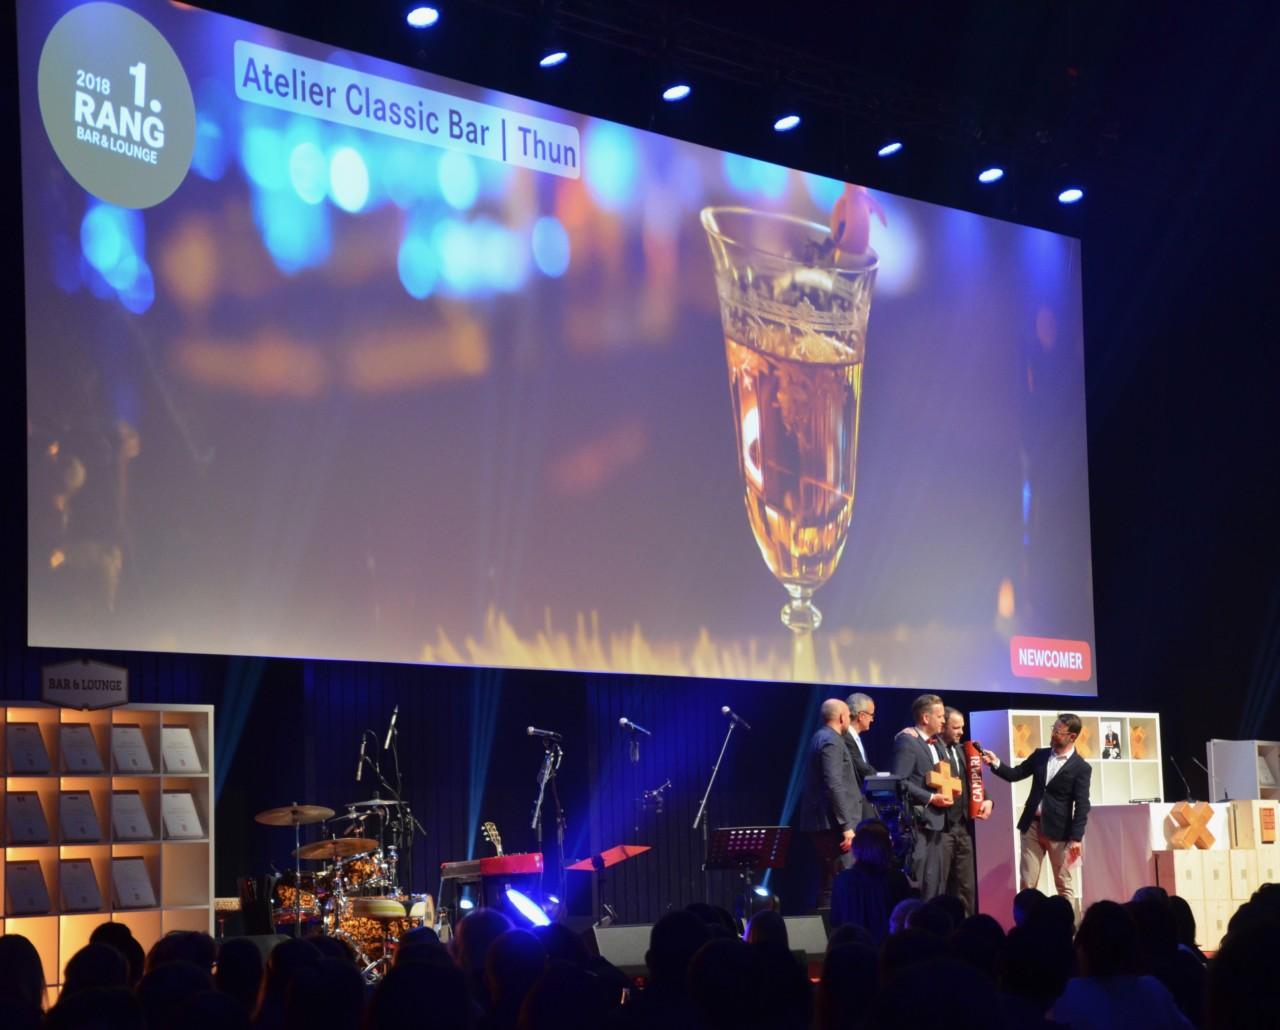 Atelier Classic Bar: Bei den Gewinnern wird die Mixologie gelebt.